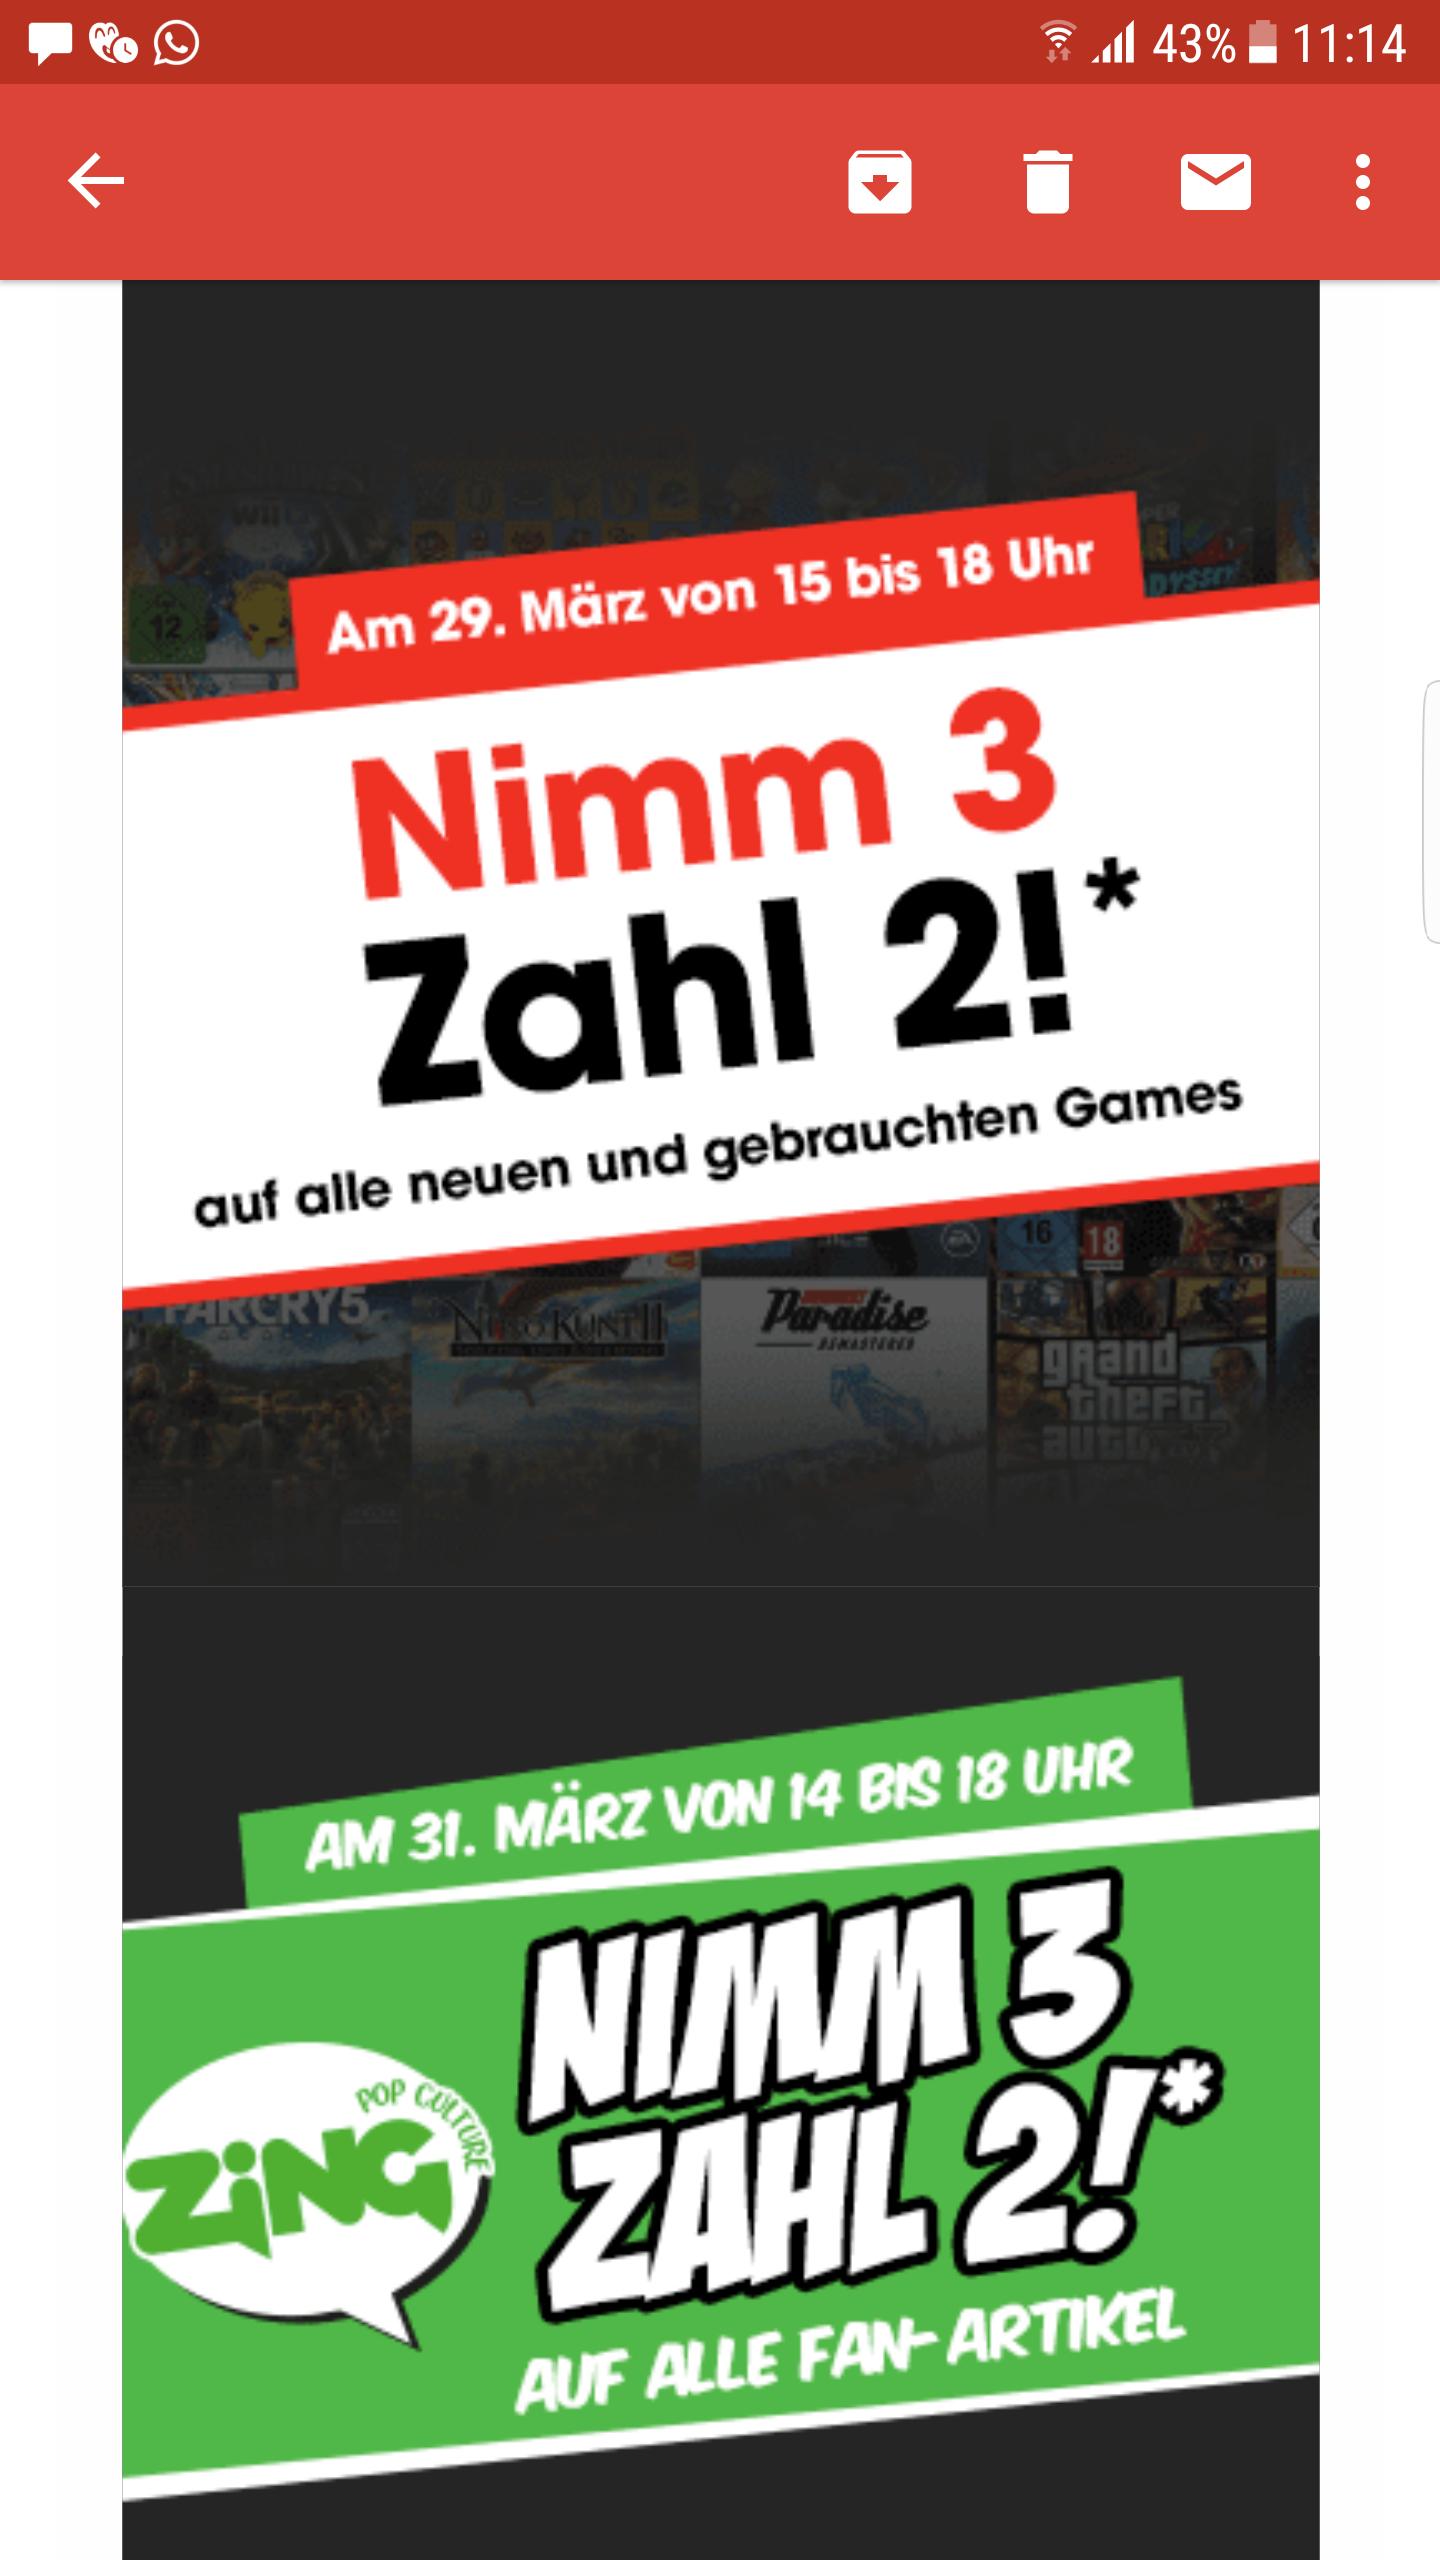 [LOKAL, Essen Limbecker Platz] Nur heute: GameStop: Nimm 3, Zahl 2 auf Games und Fan Artikel